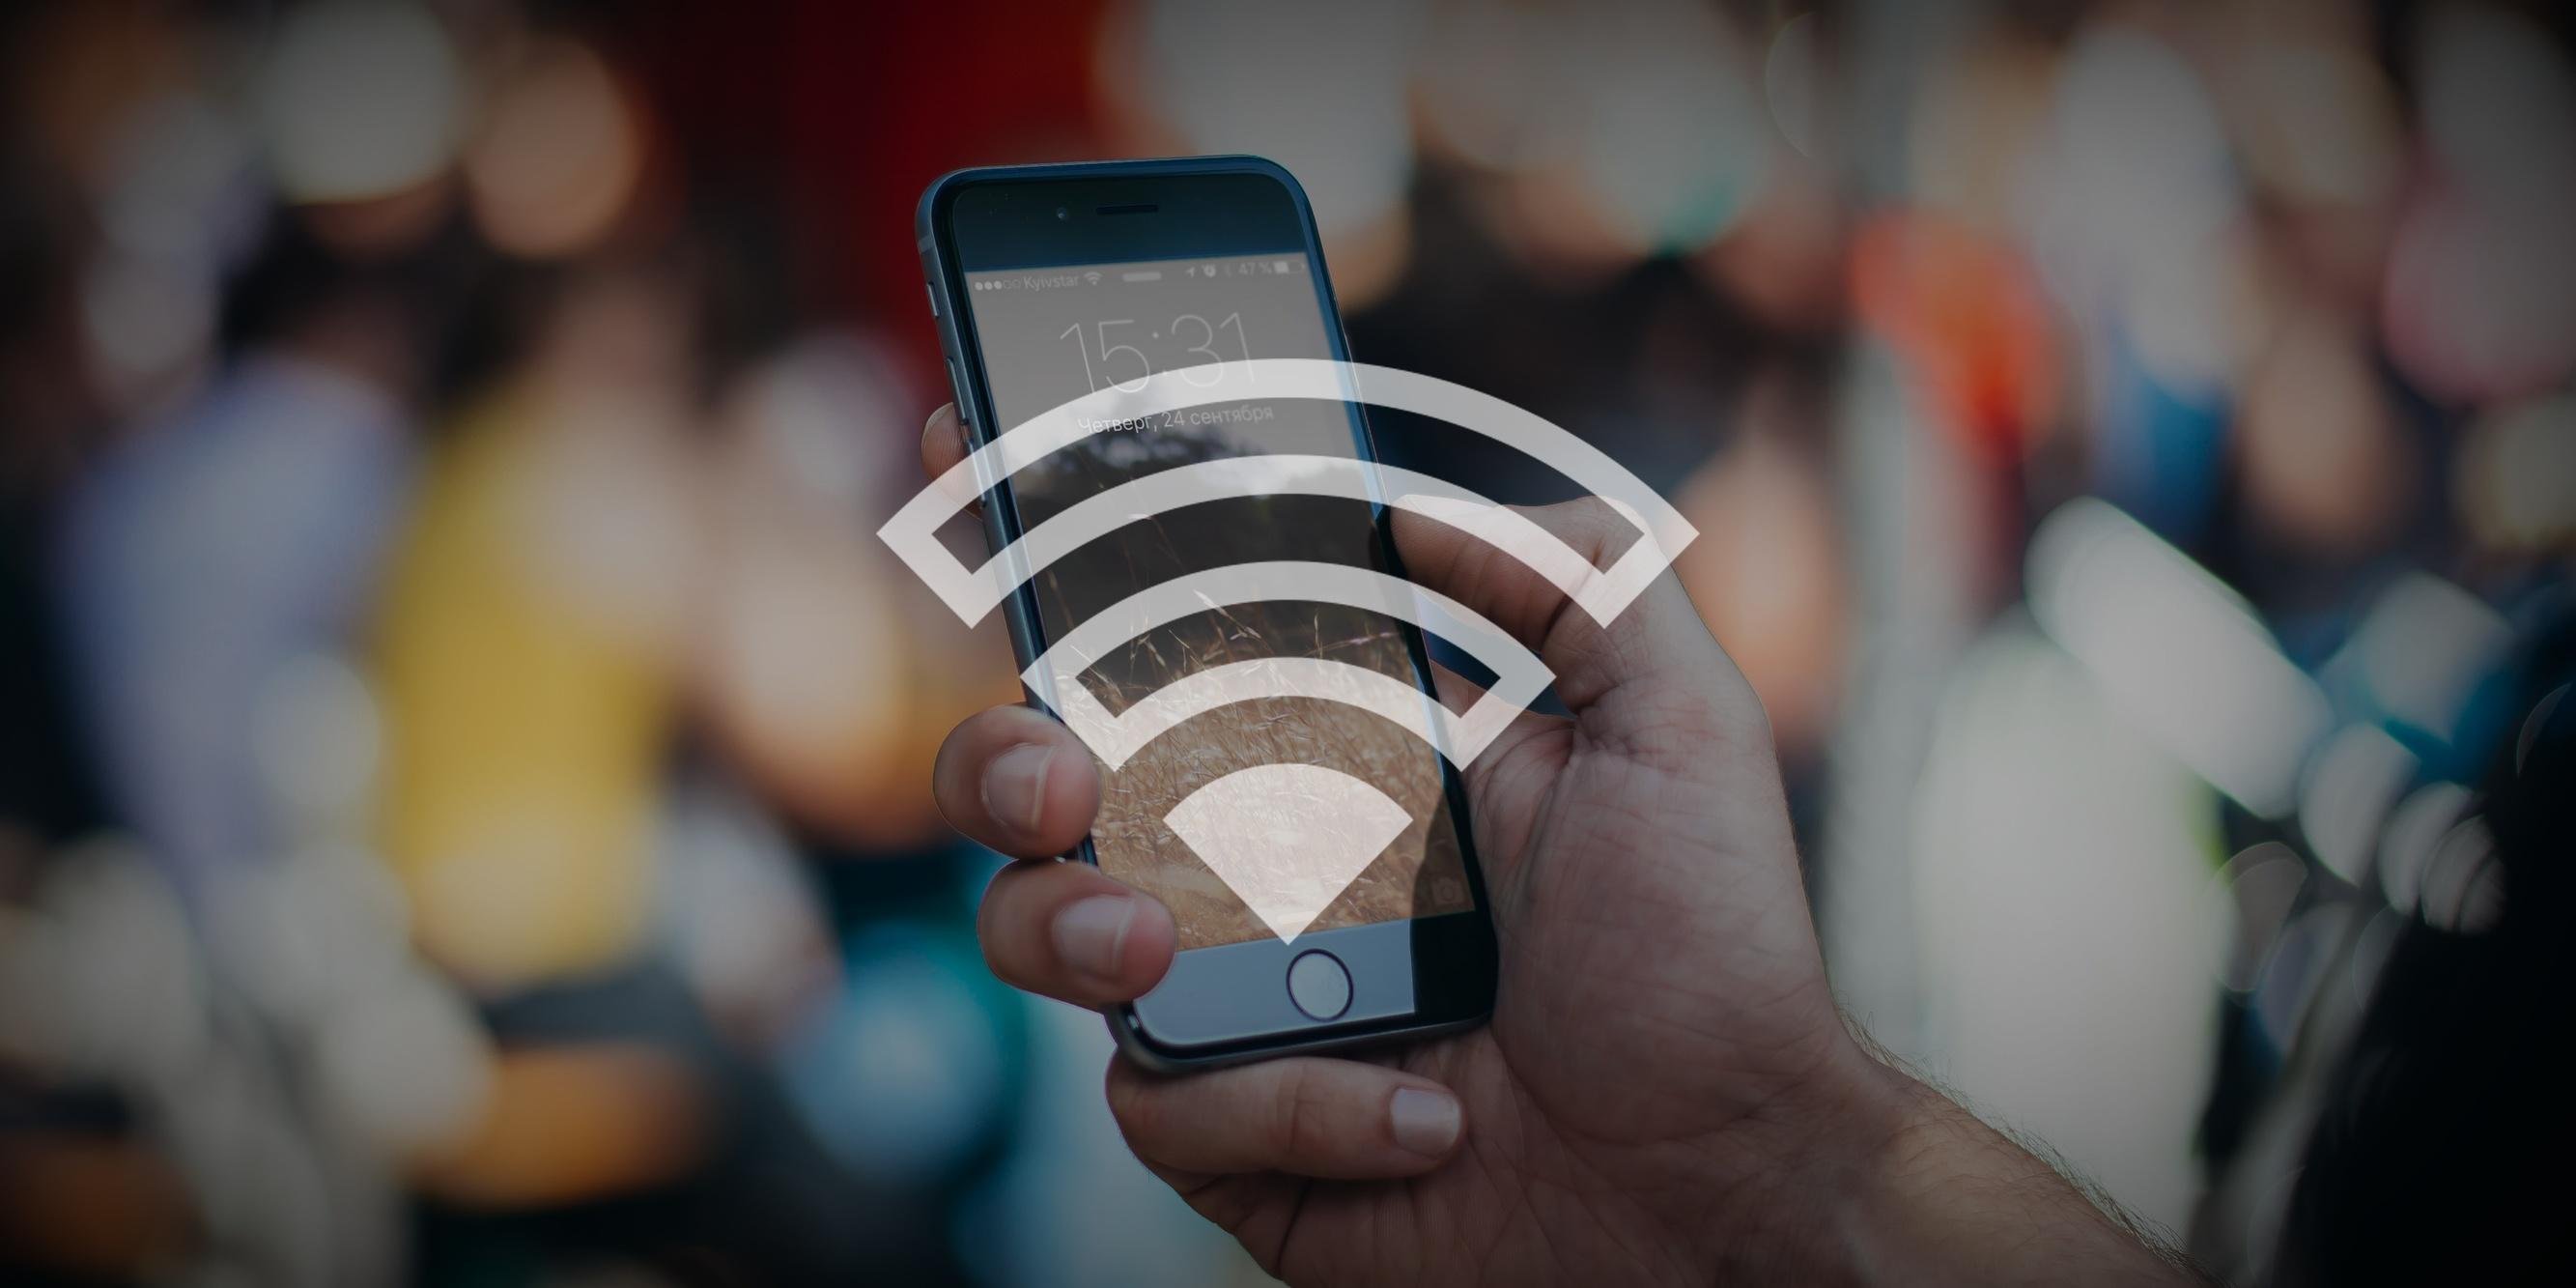 Как работает функция Wi-Fi Assist в iOS 9